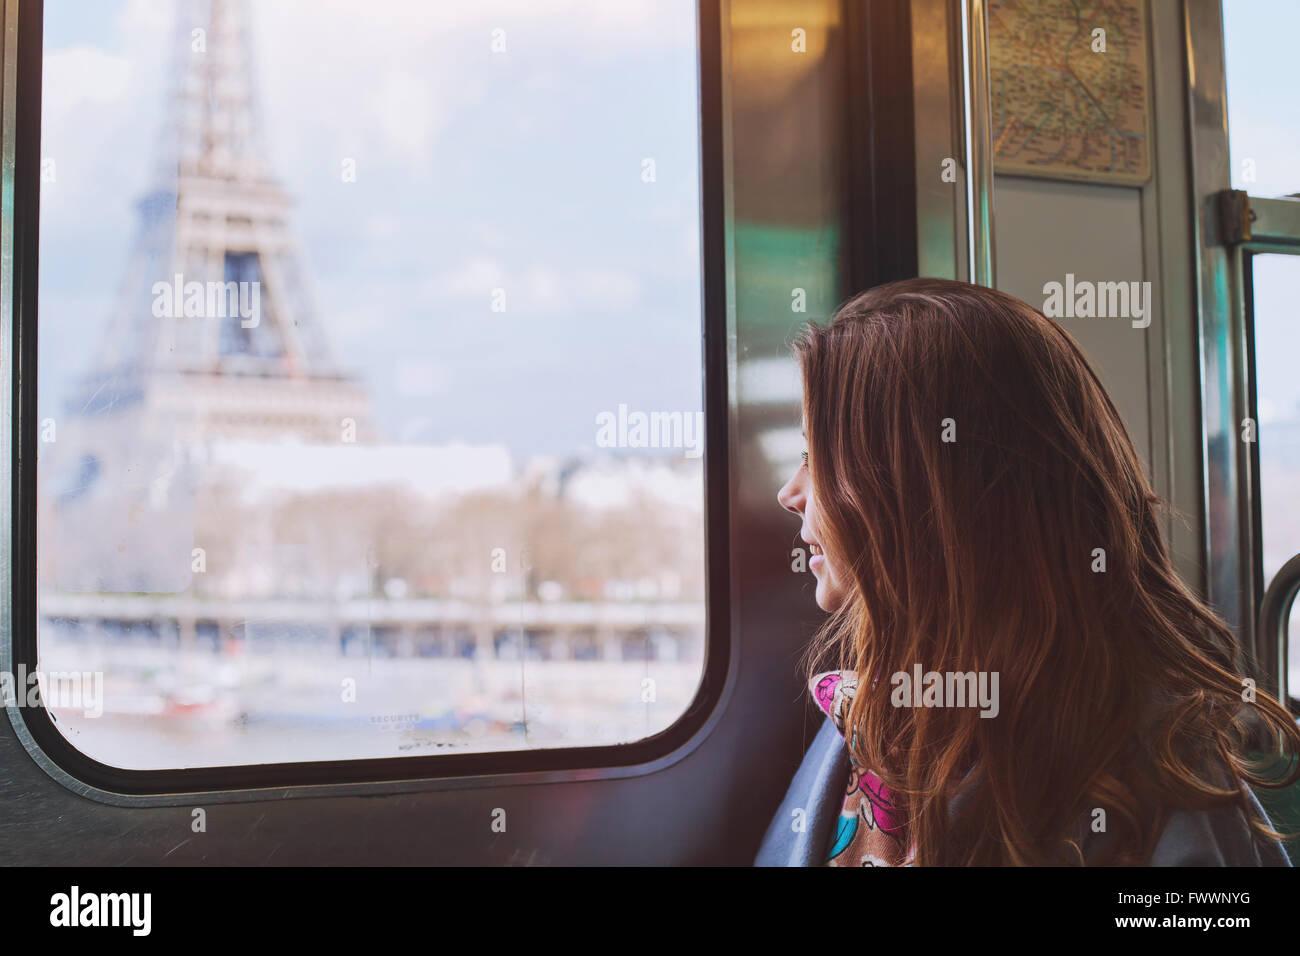 Les touristes à la recherche de la Tour Eiffel par la fenêtre du métro à Paris, smiling girl Photo Stock